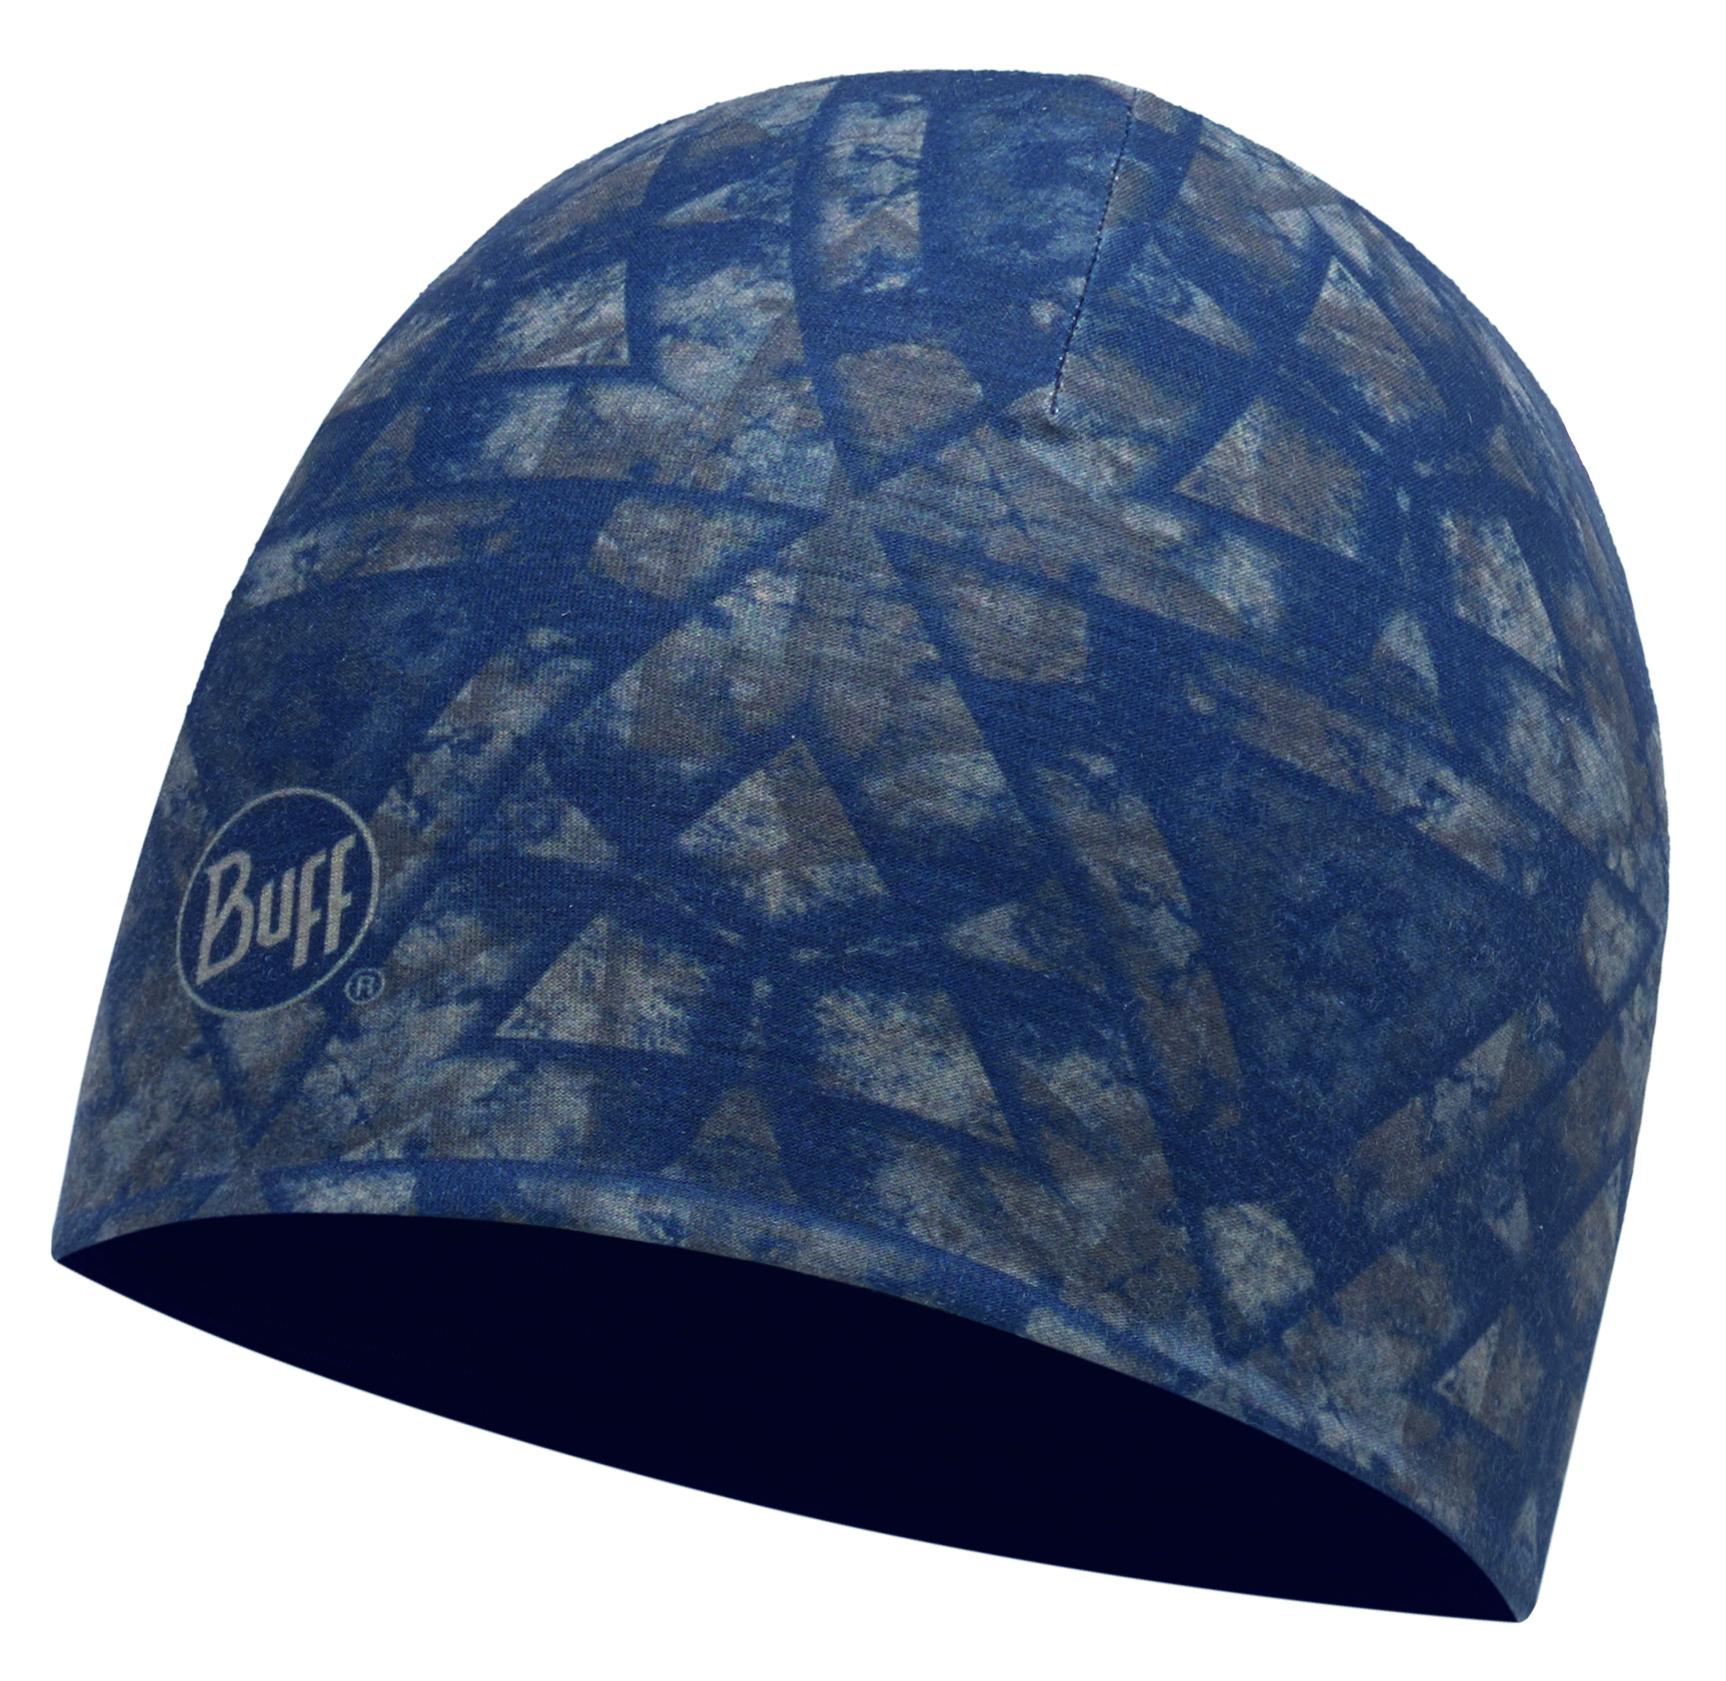 Шапка BUFF INUGAMI BLUE Банданы и шарфы Buff ® 1312873  - купить со скидкой